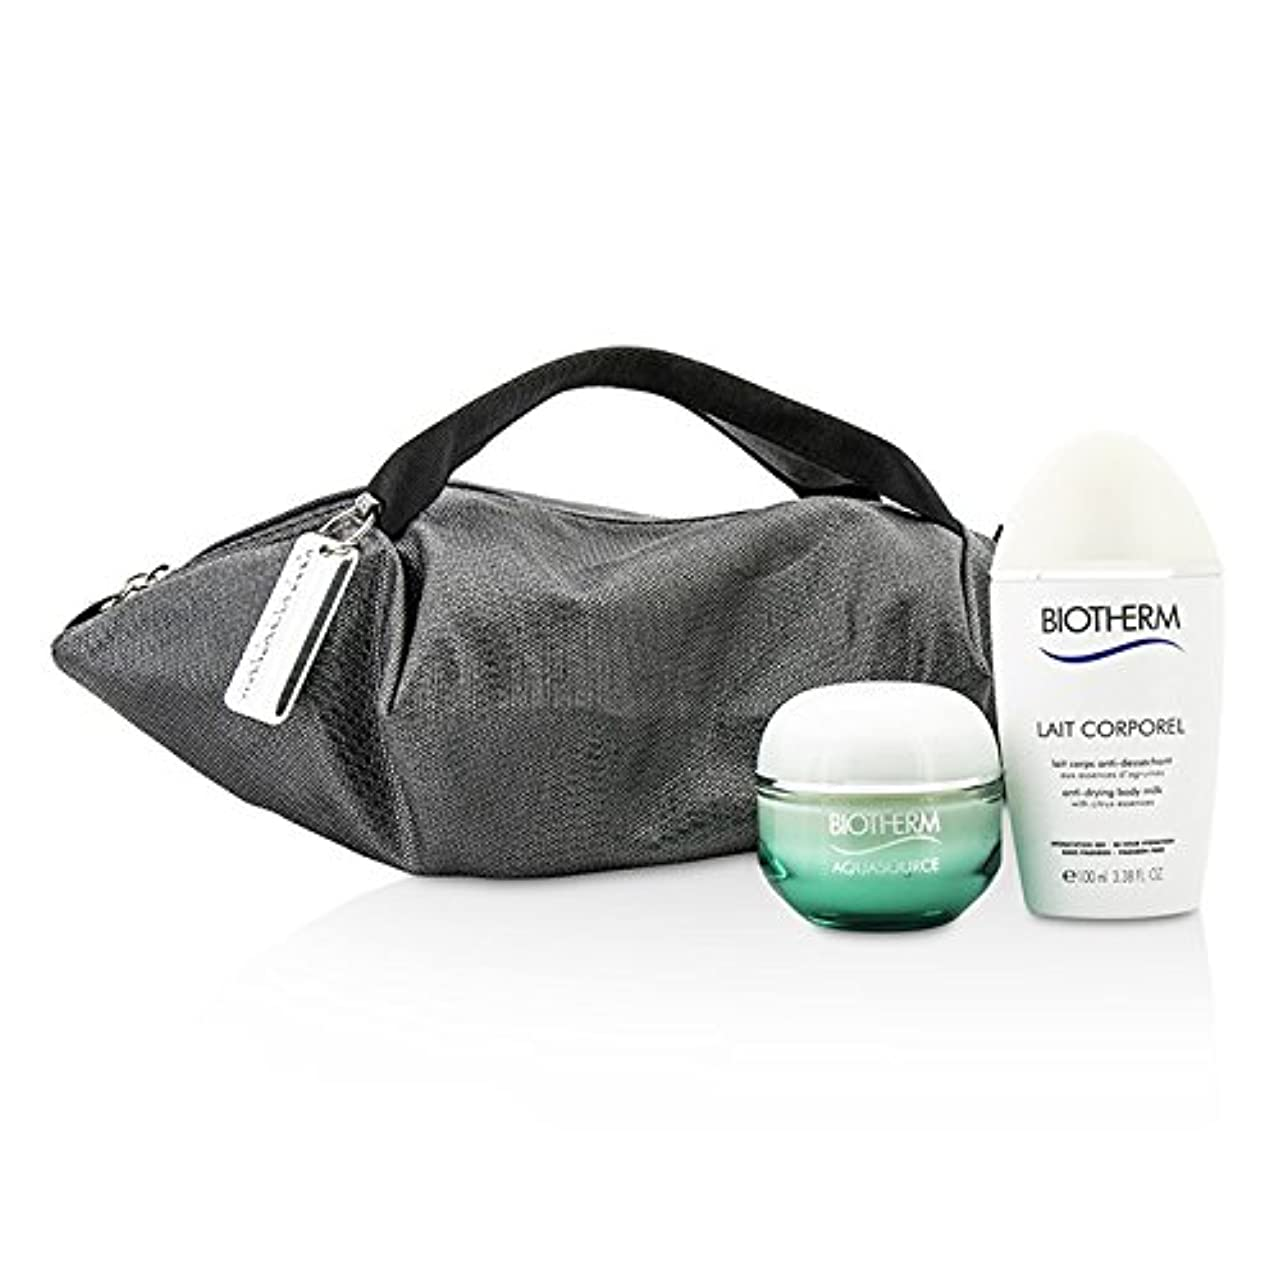 失う熟達世代ビオテルム Aquasource & Body Care X Mandarina Duck Coffret: Cream N/C 50ml + Anti-Drying Body Care 100ml + Handle Bag...